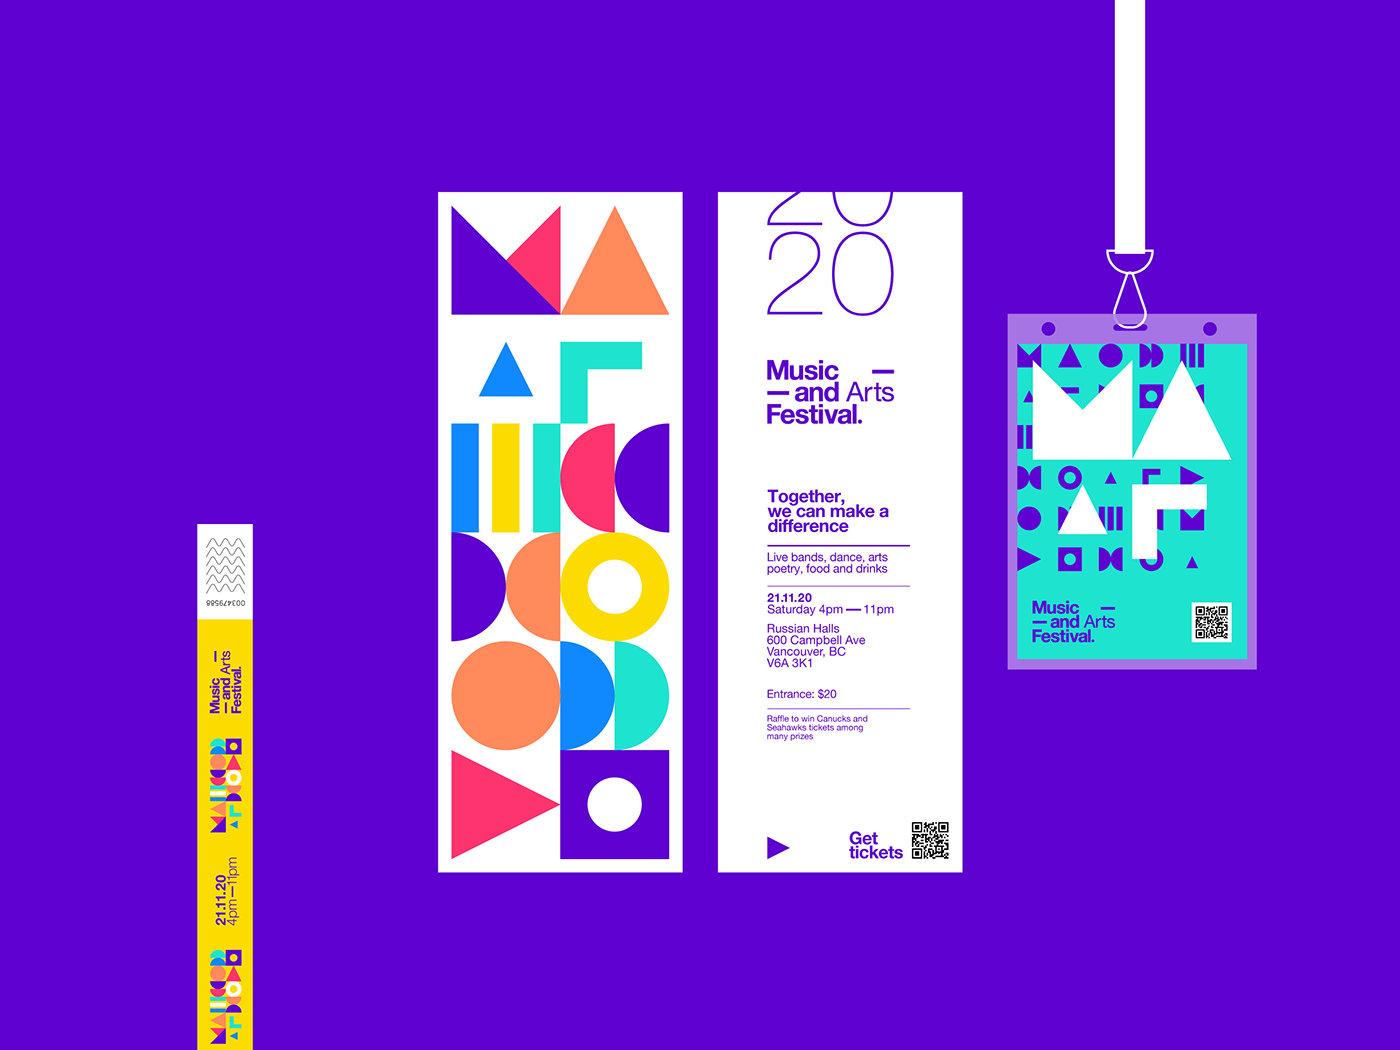 抽象的几何图案和时尚的色彩 音乐艺术节品牌视觉设计